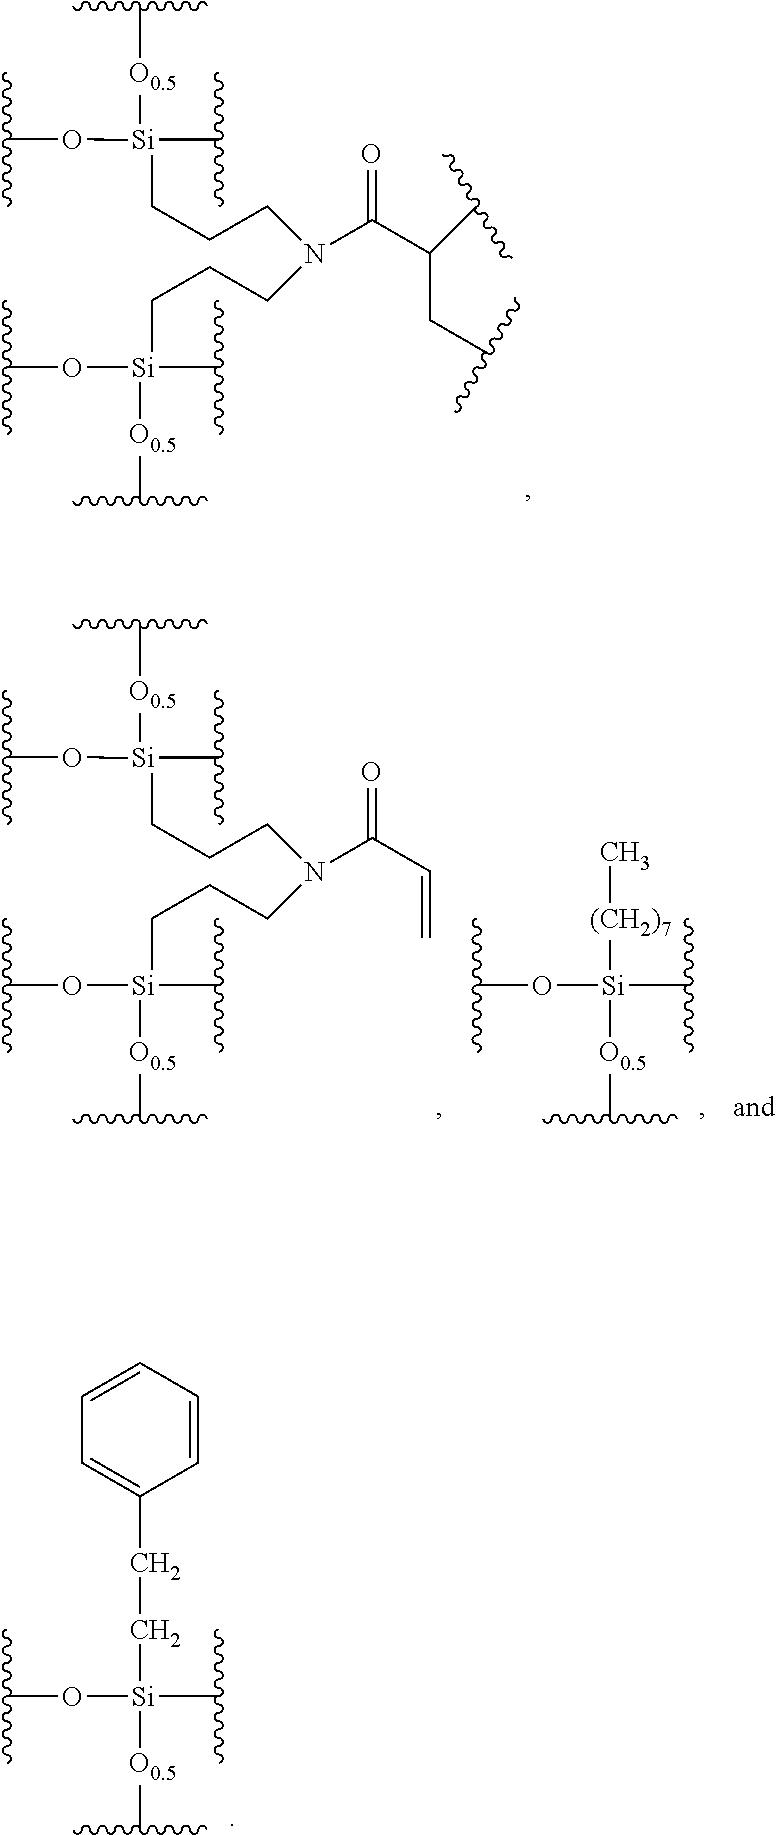 Figure US09546257-20170117-C00007